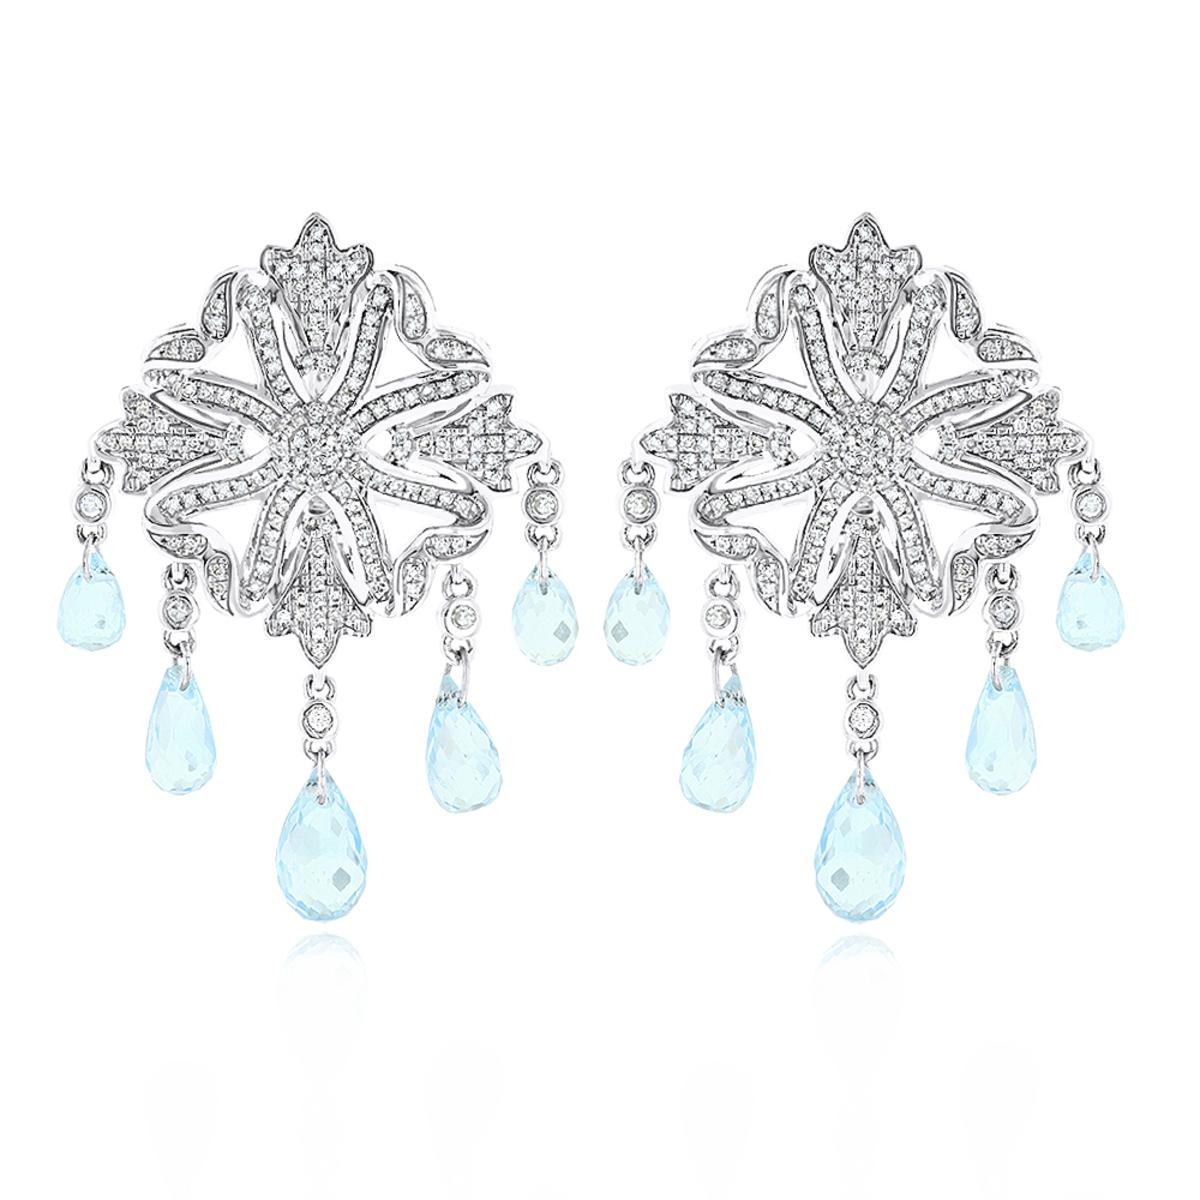 14K Diamond Chandelier Earrings Blue Topaz 0.64ct